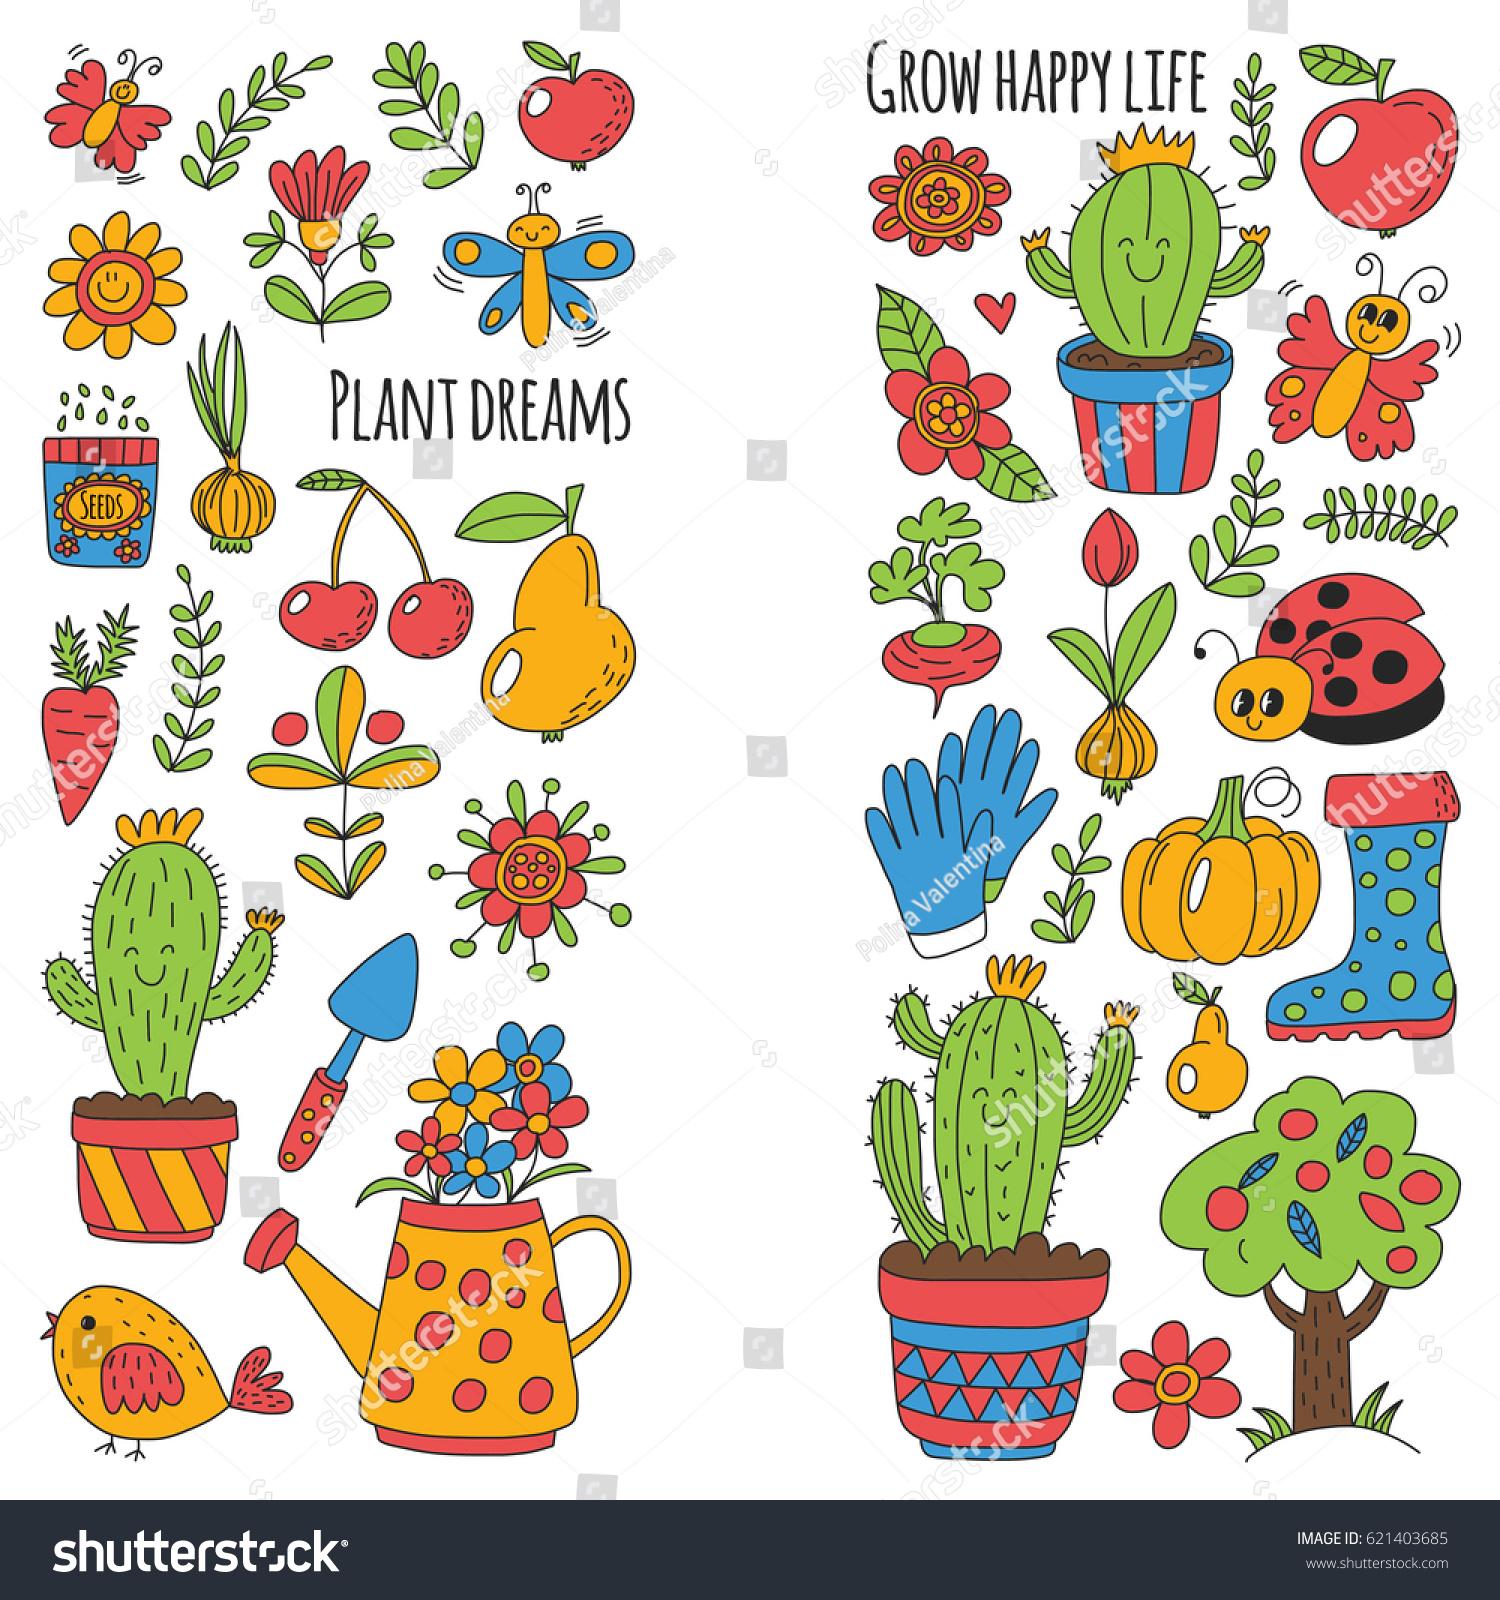 Great Cute Vector Garden With Birds, Cactus, Plants, Fruits, Berries, Gardening  Tools